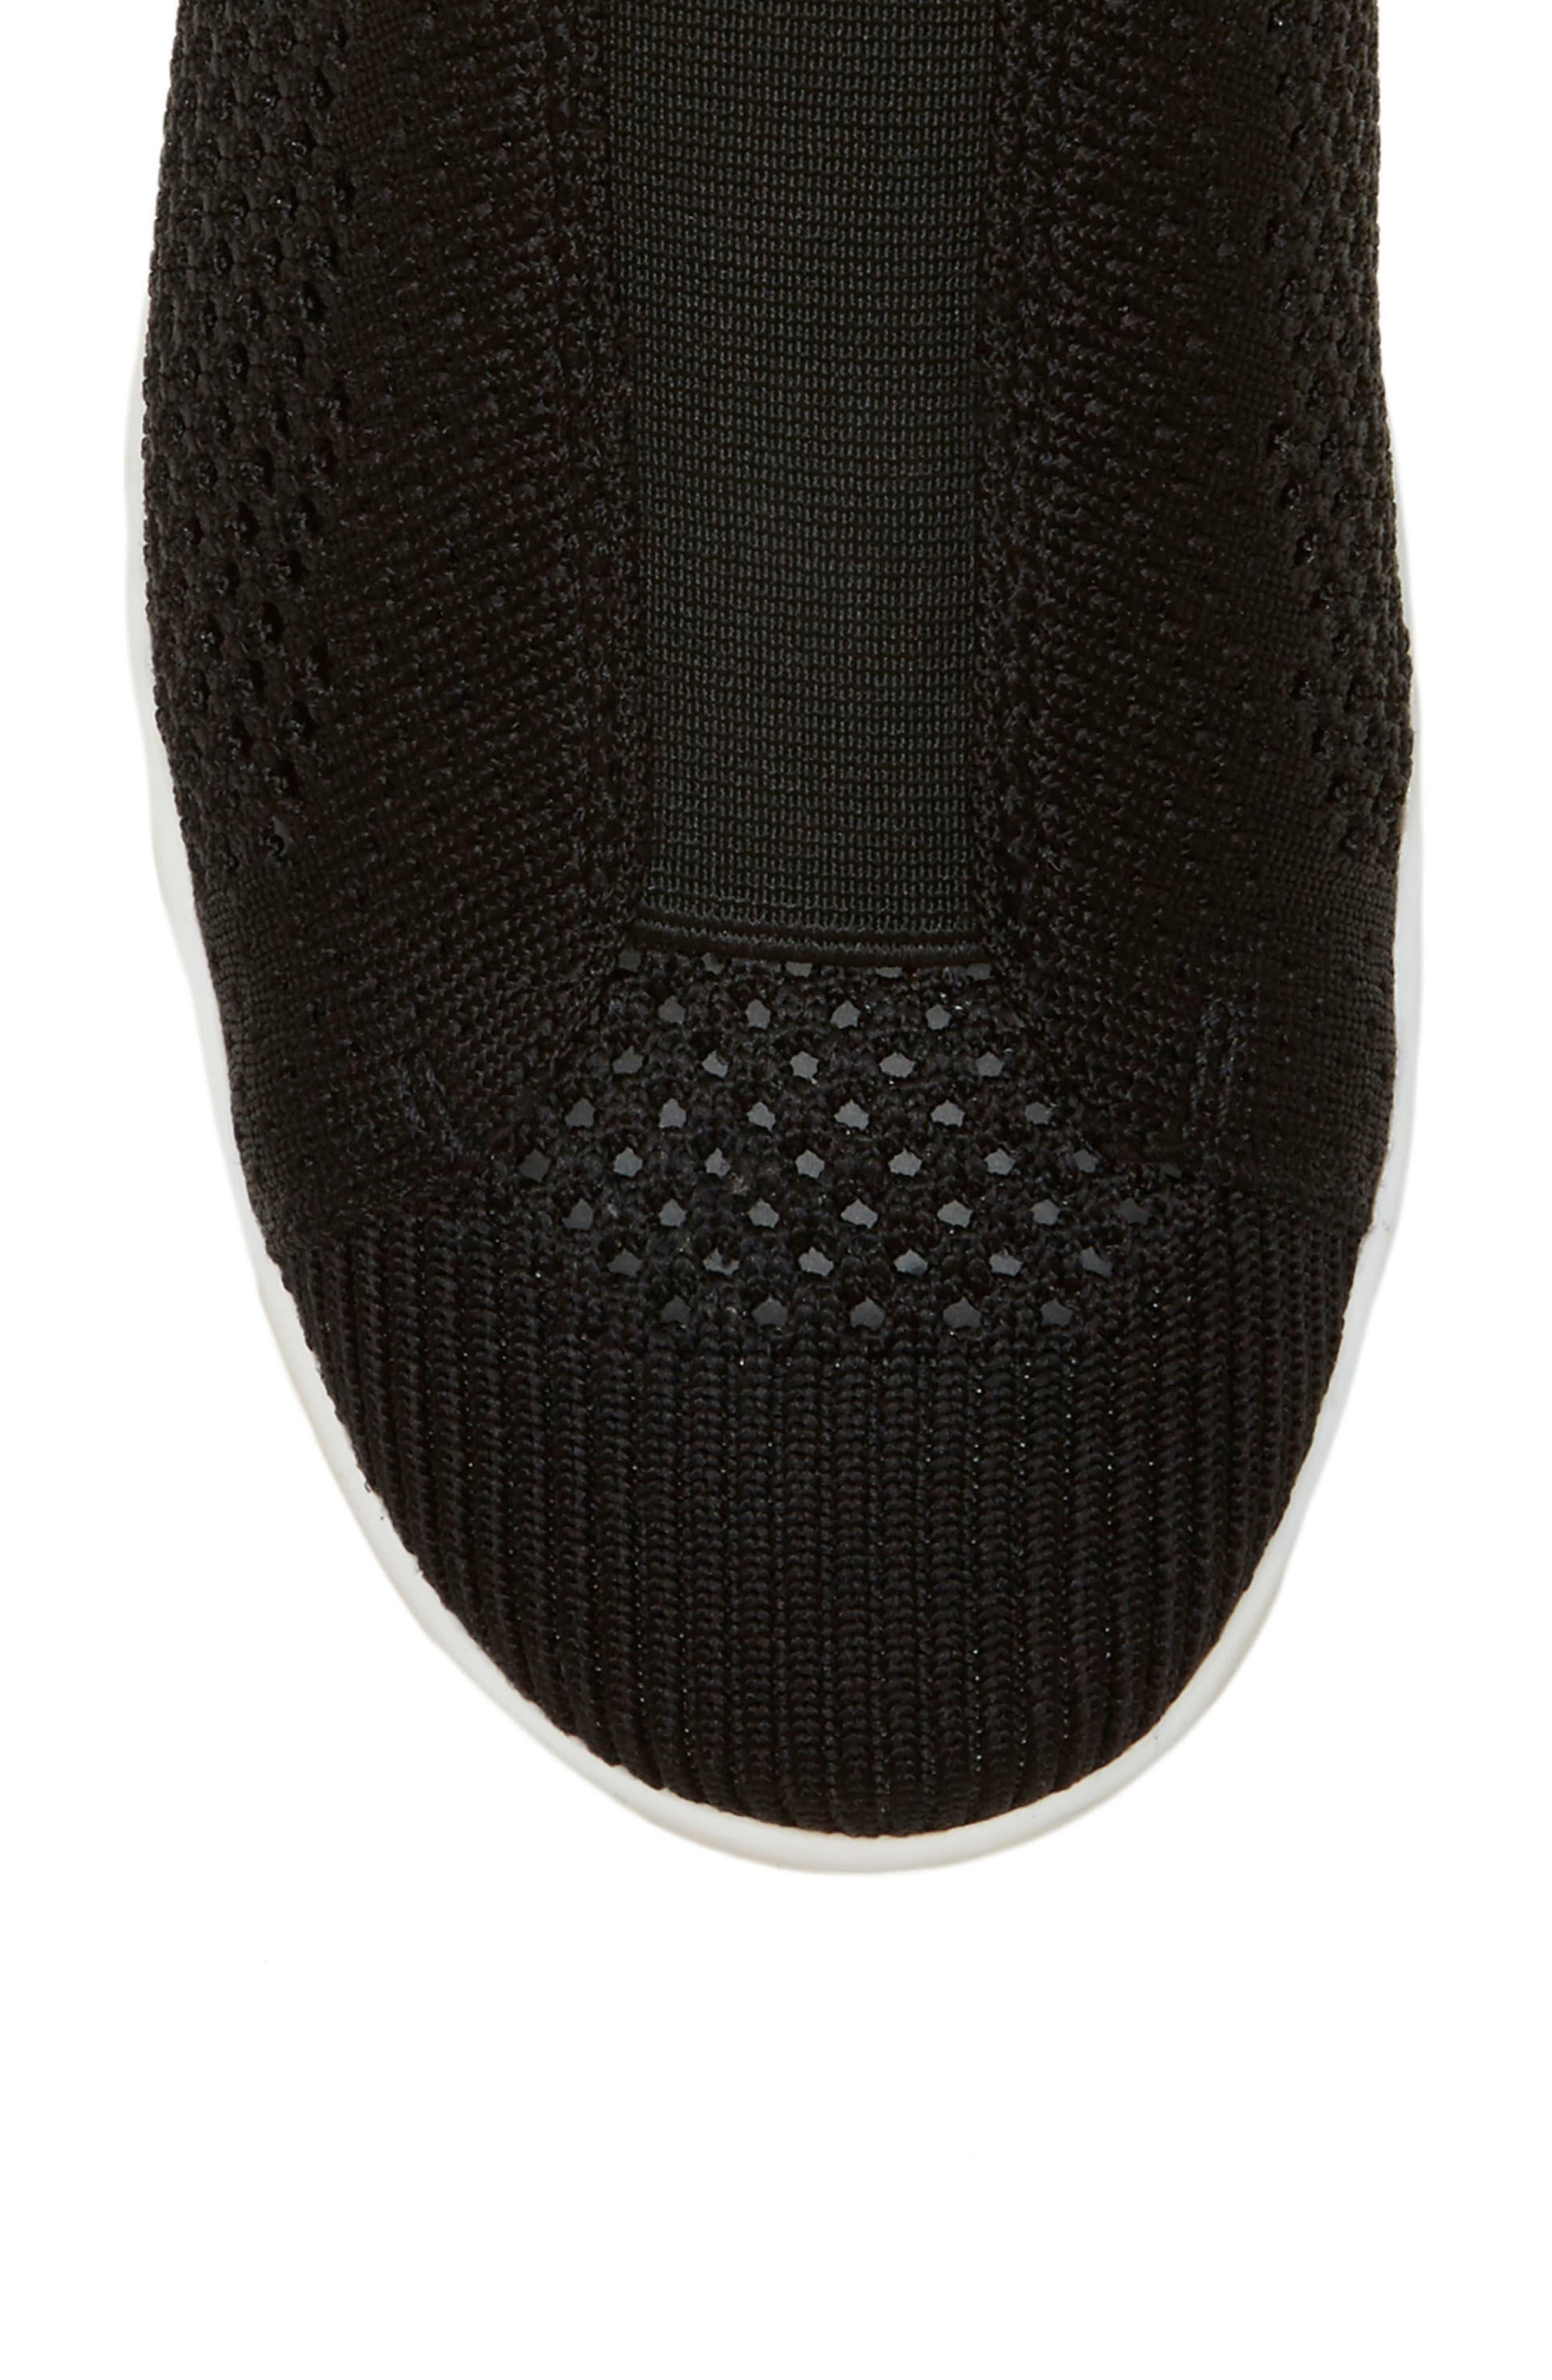 Casbey Slip-On Sneaker,                             Alternate thumbnail 5, color,                             002